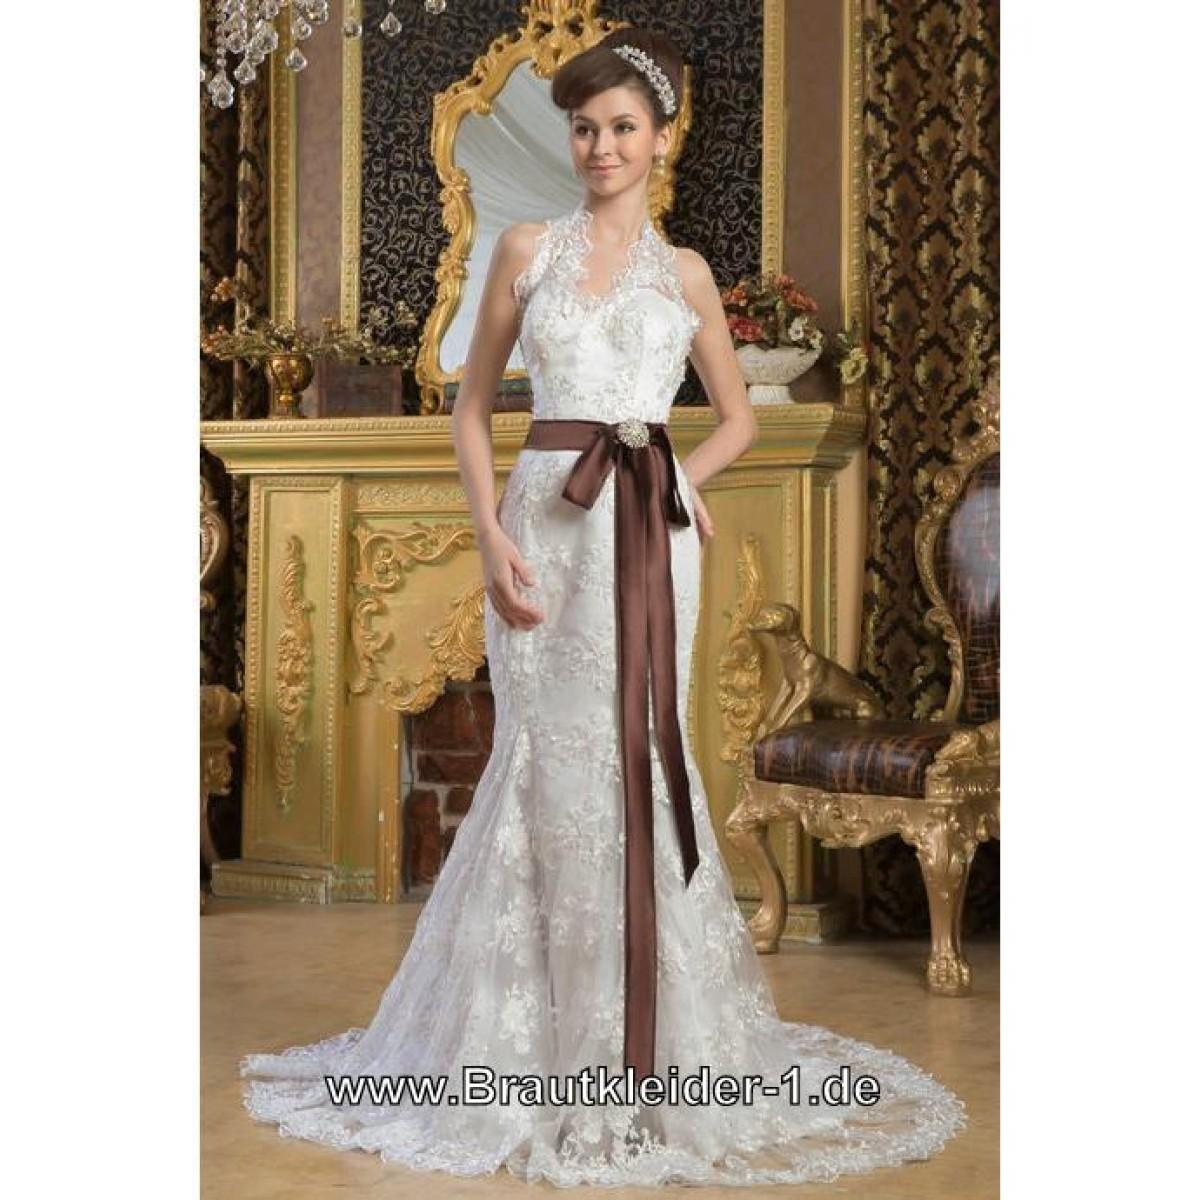 Brautkleider mit Schärpe